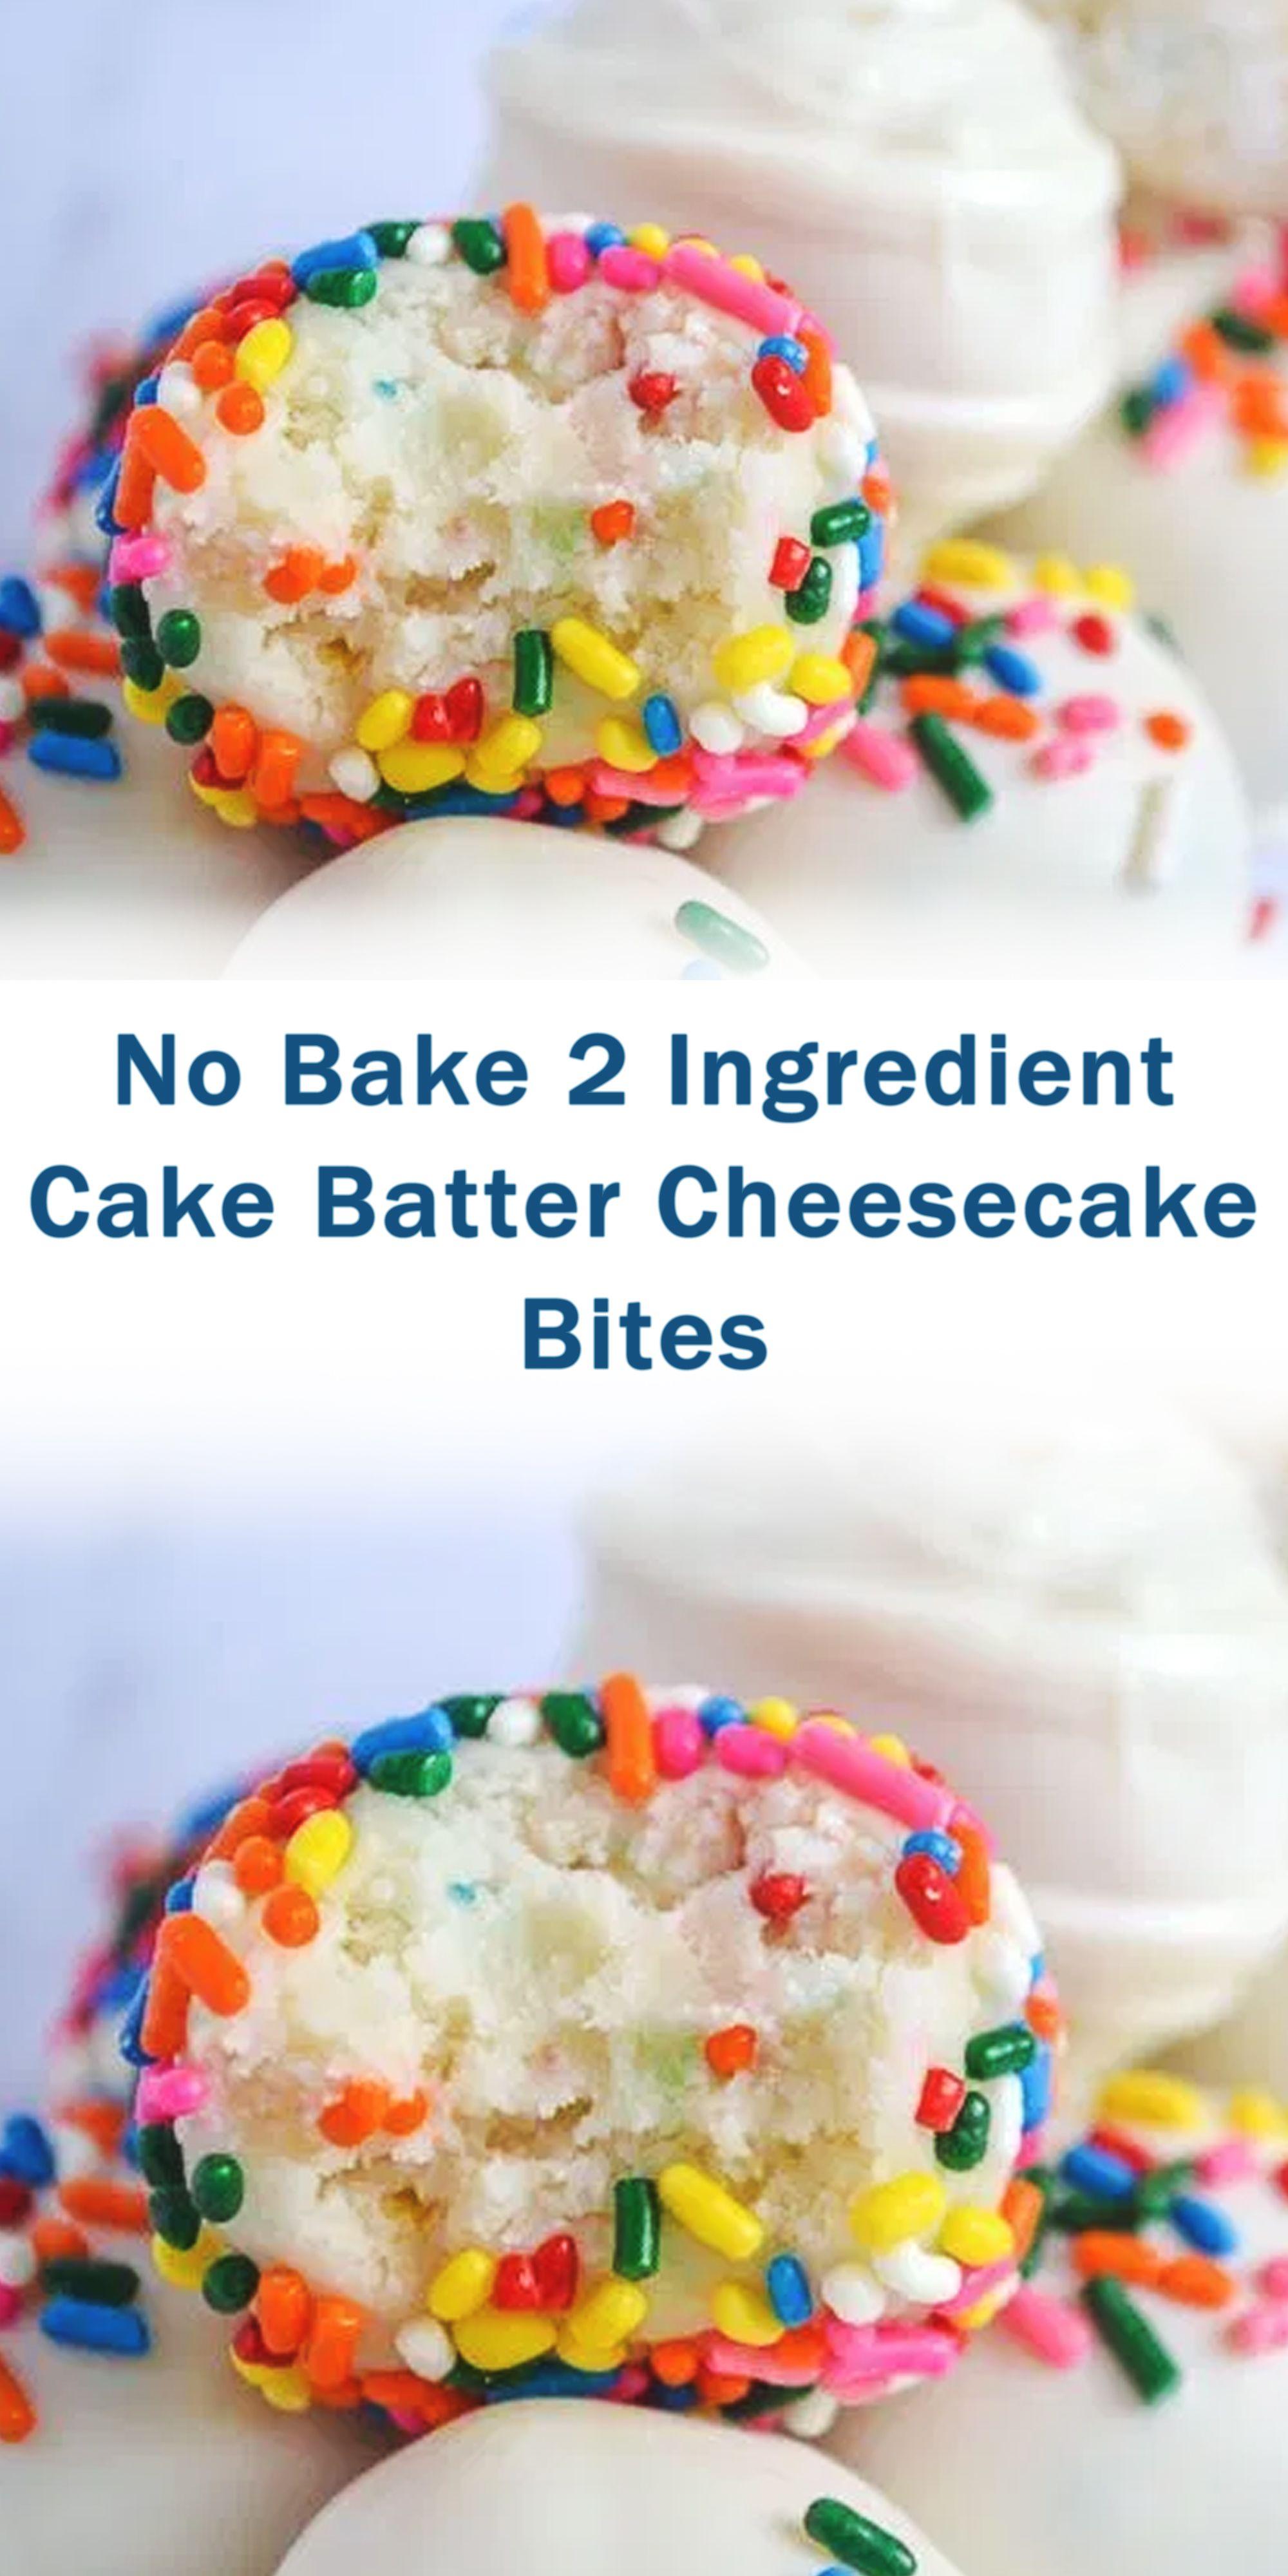 No Bake 2 Ingredient Cake Batter Cheesecake Bites Baked Dessert Recipes Best Dessert Recipes 2 Ingredient Cakes